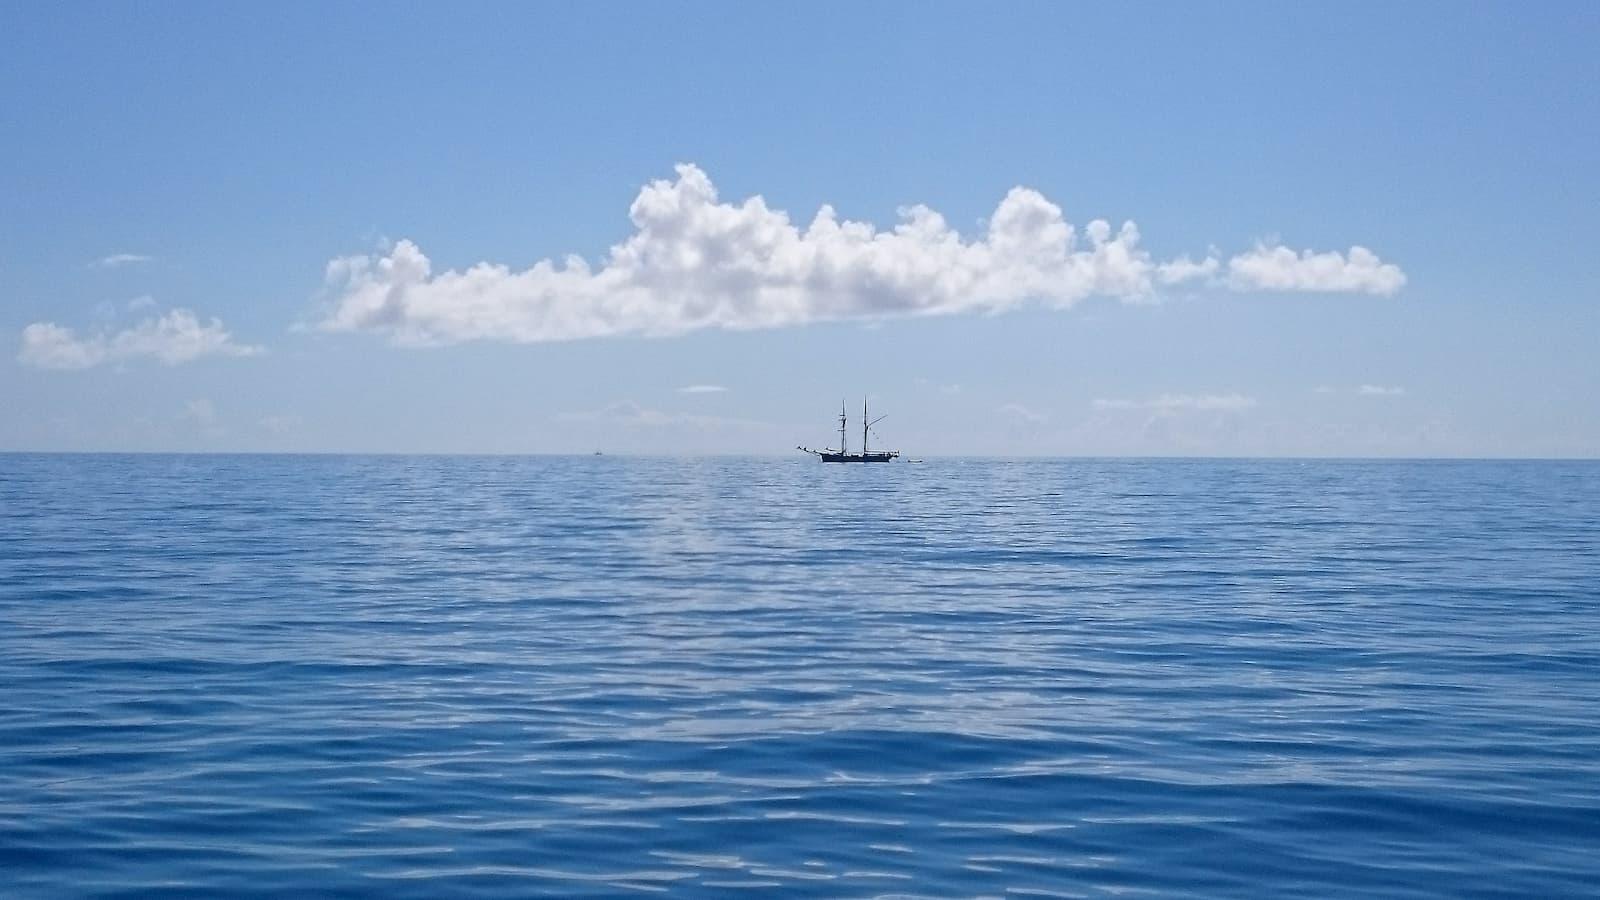 Etienne Bottineau, el marino que inventó la Nauscopia o arte de predecir la llegada de barcos antes de que fueran visibles